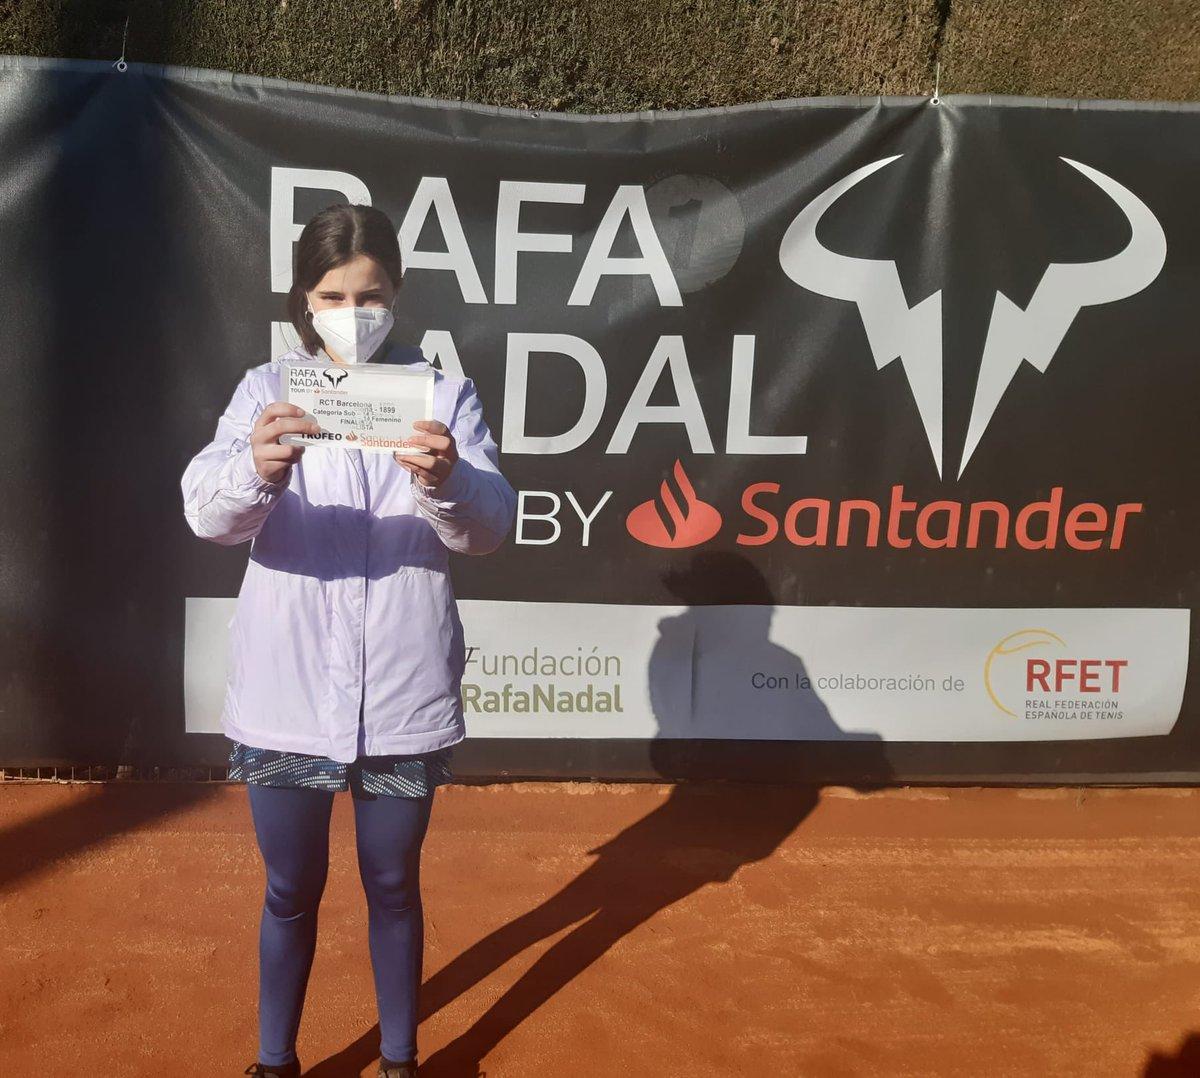 No pudo ser...Eugenia Menéndez Zozaya, ha quedado subcampeona del trofeo #rafanadaltour . Un gran resultado considerando que es el primer torneo del año y de las dificultadas para entrenar debido a las condiciones climáticas que nos acompañan  #rcto #tenisoviedo